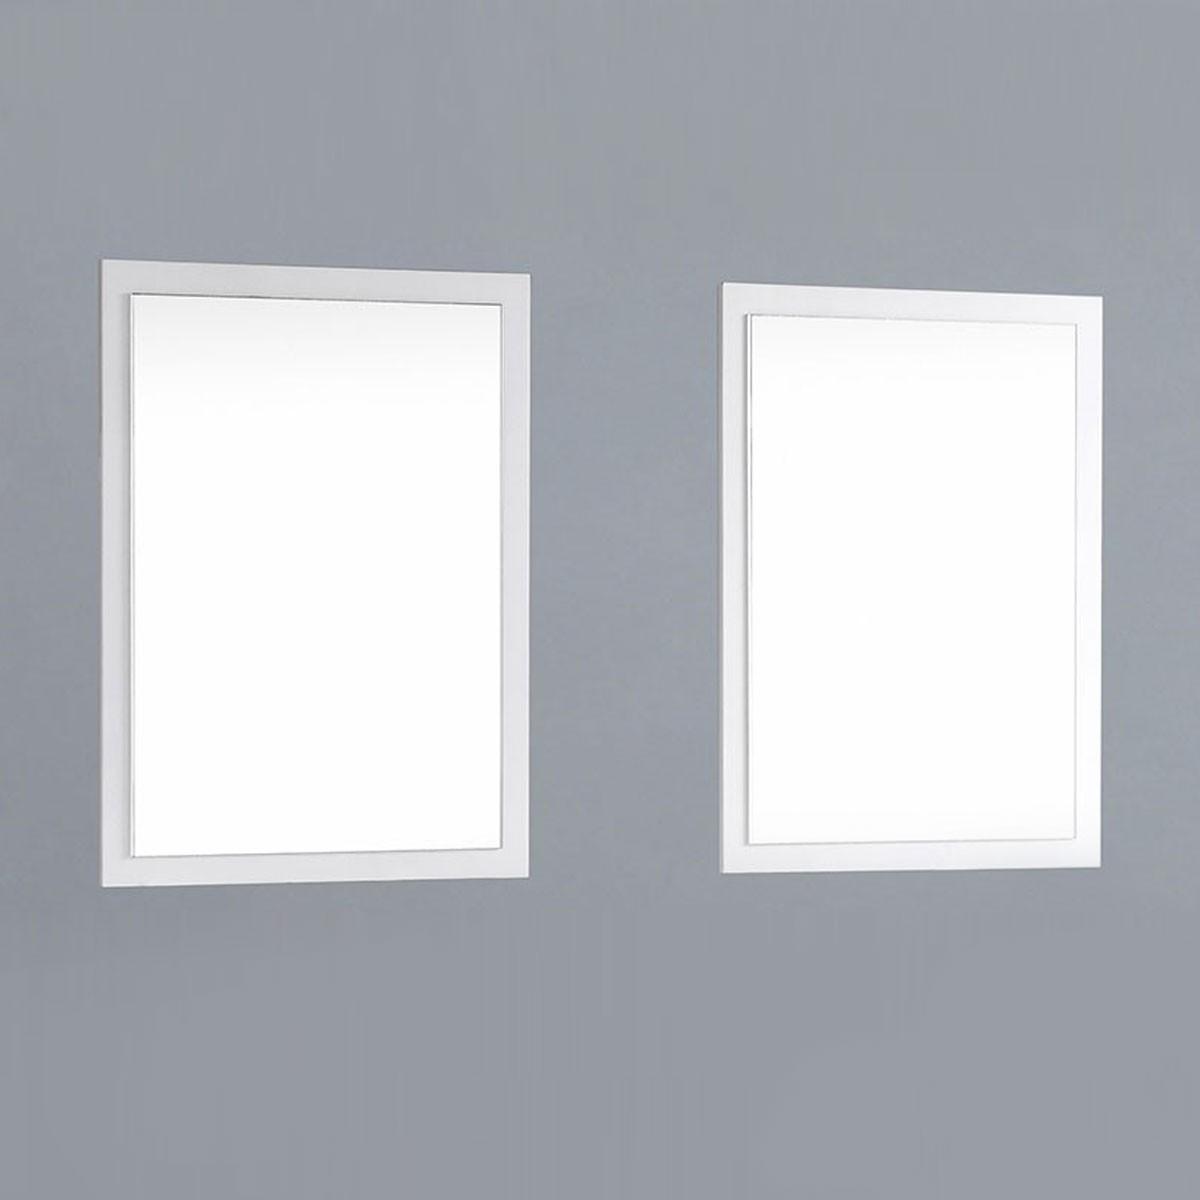 23.5 x 31.5 po Miroir pour Meuble Salle de Bain (DK-T9161-60W-M)